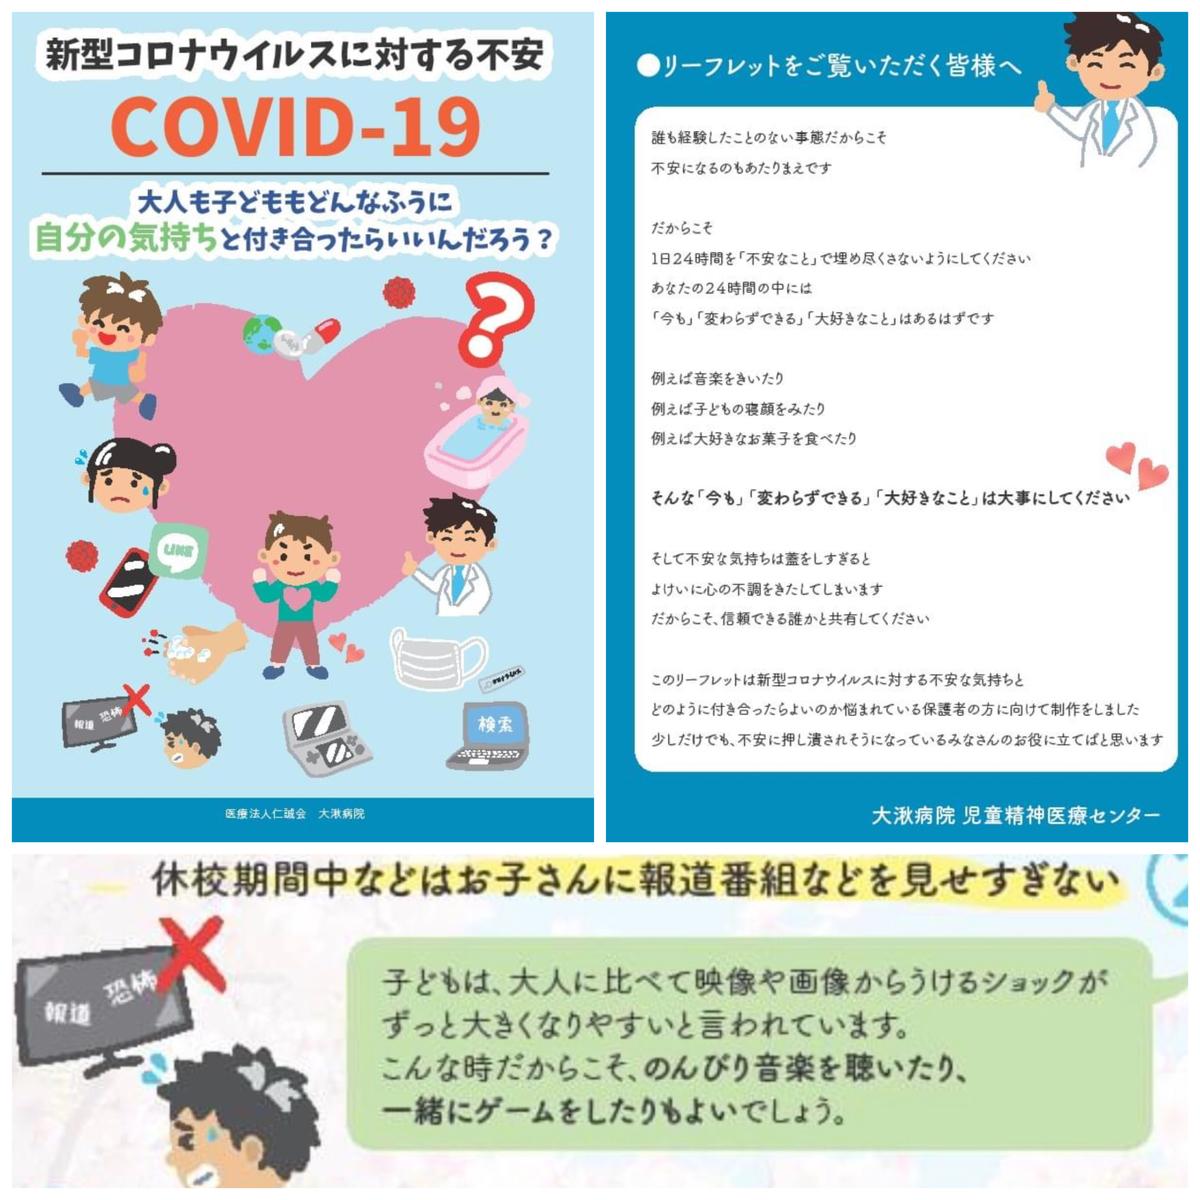 f:id:nanamiyuki:20200417204530j:plain